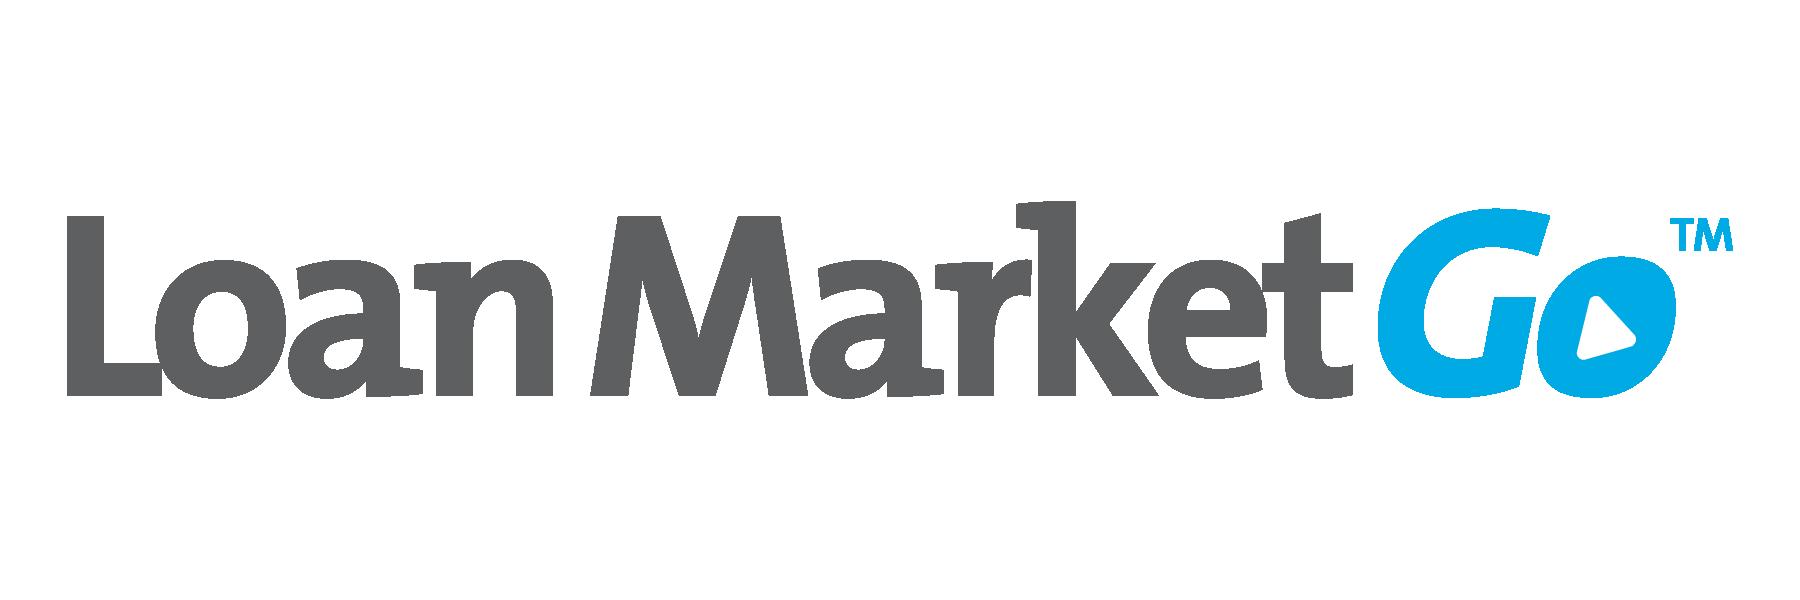 Loan market go logo